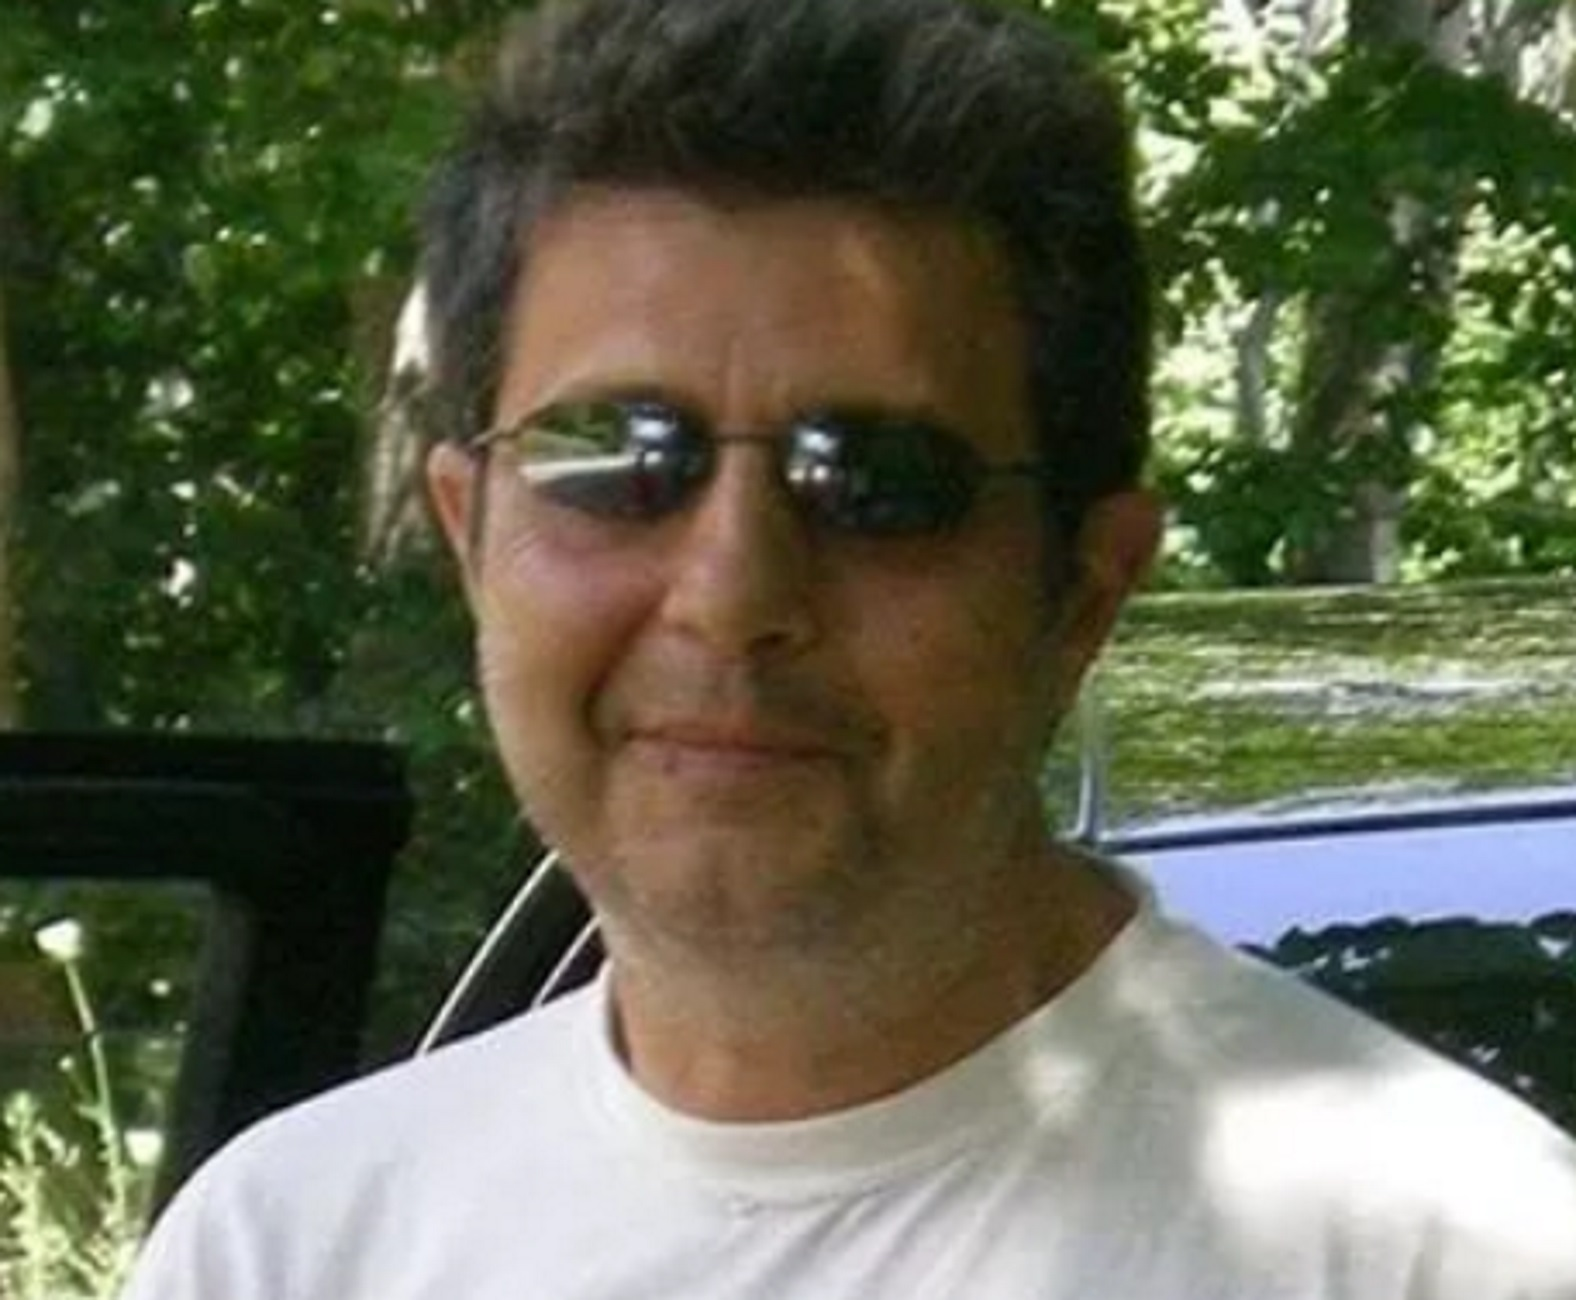 Βόλος: Πέθανε ο επιχειρηματίας Μπάμπης Αναστασίου – Ο ξενοδόχος που ξεκίνησε από το μηδέν